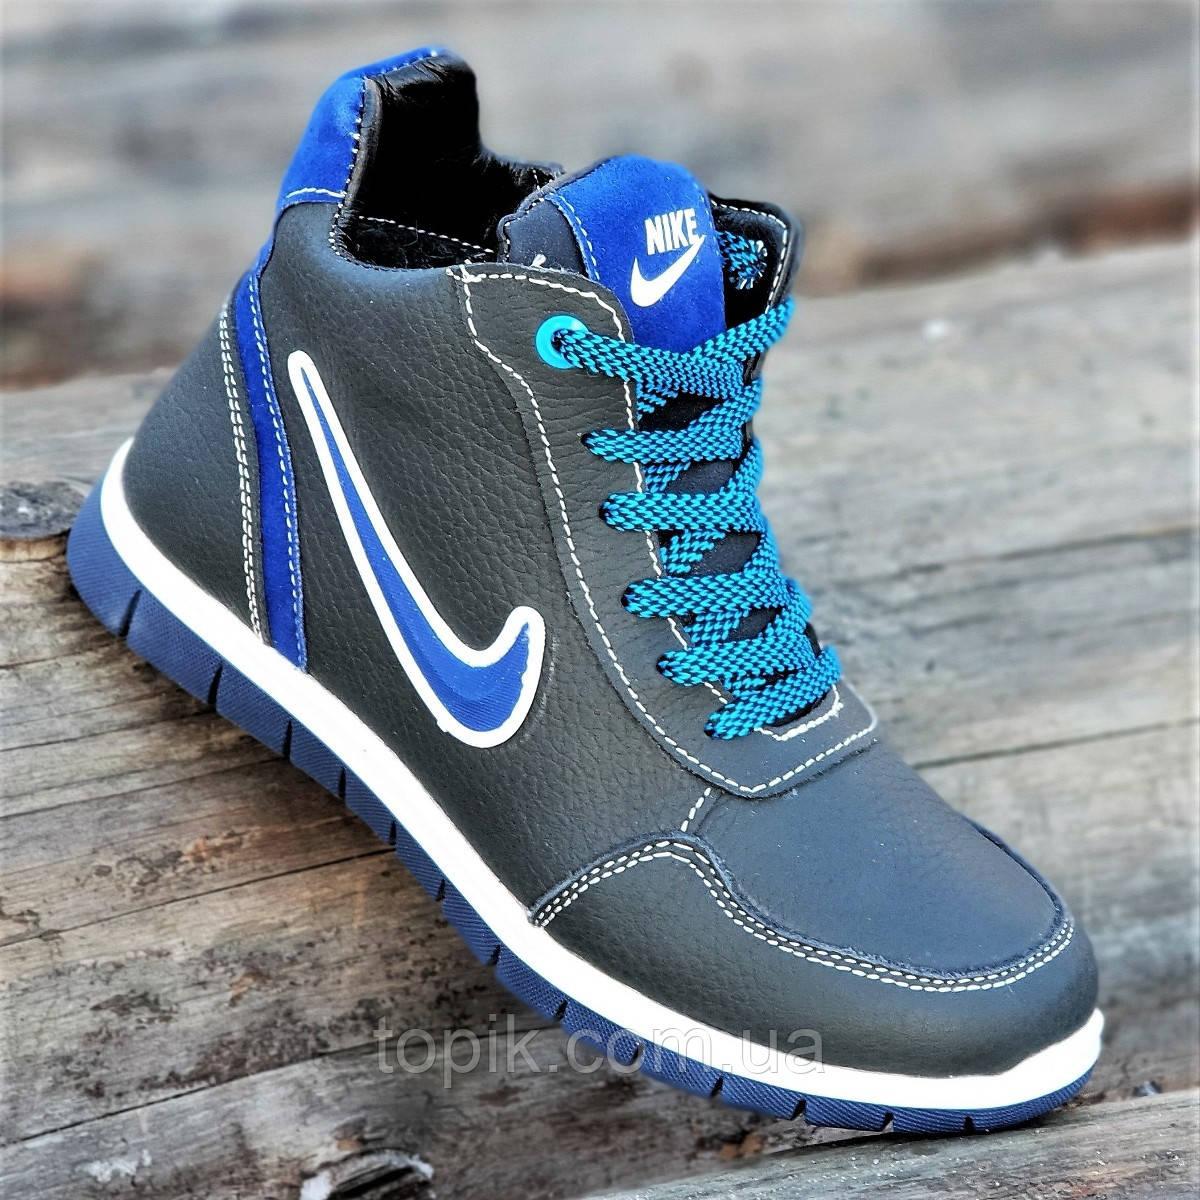 Детские зимние кожаные ботинки кроссовки на шнурках и молнии черные на натуральном меху (Код: 1325)